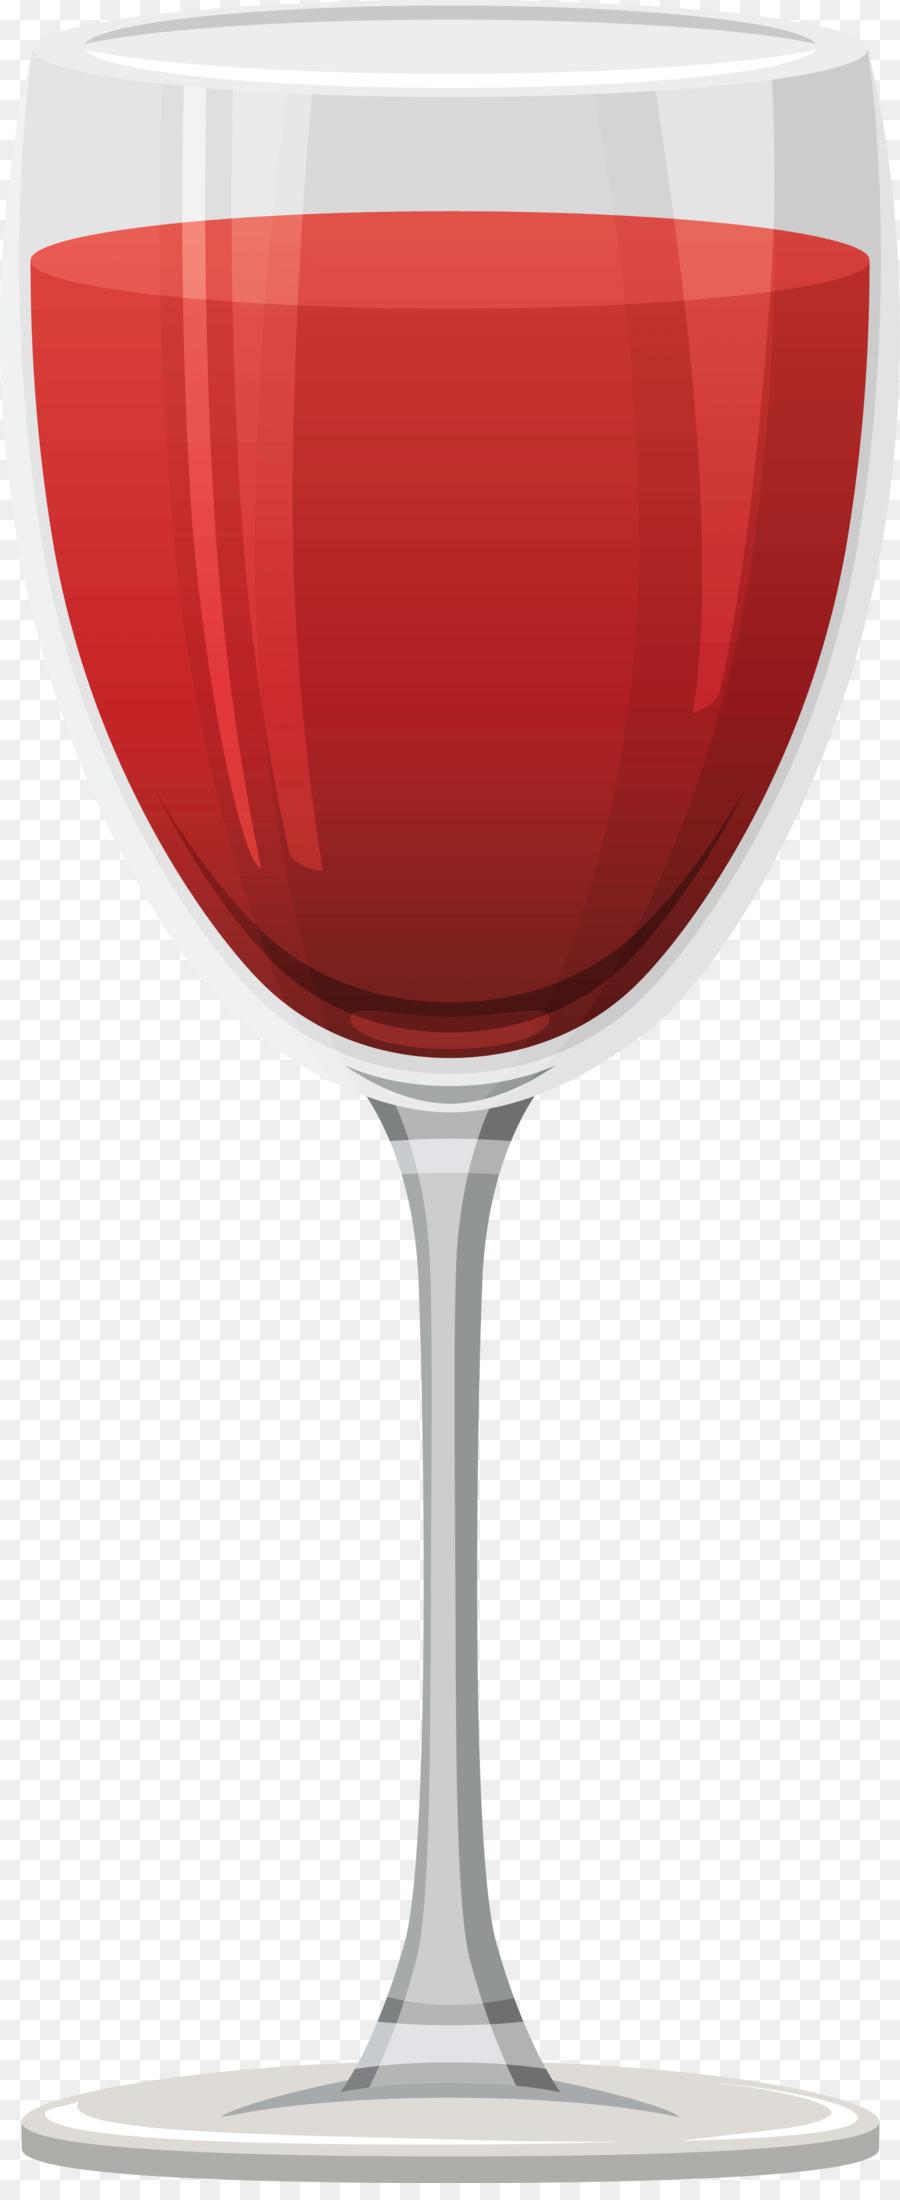 Descarga gratuita de Vino, Copa De Vino, Vidrio imágenes PNG